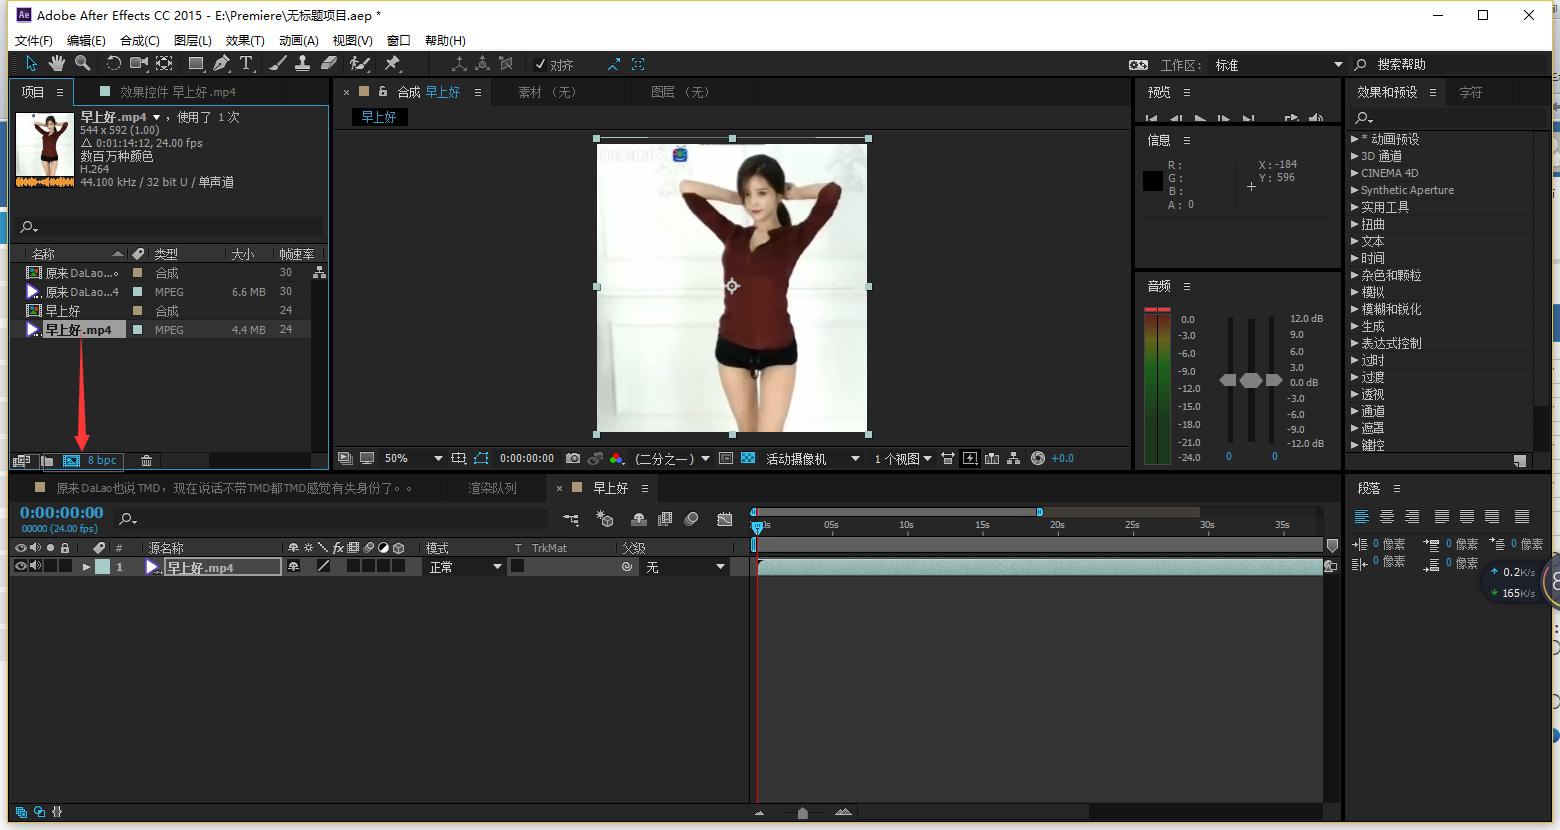 AE快速的去除视频中的台标或水印的方法 教程资料 第1张